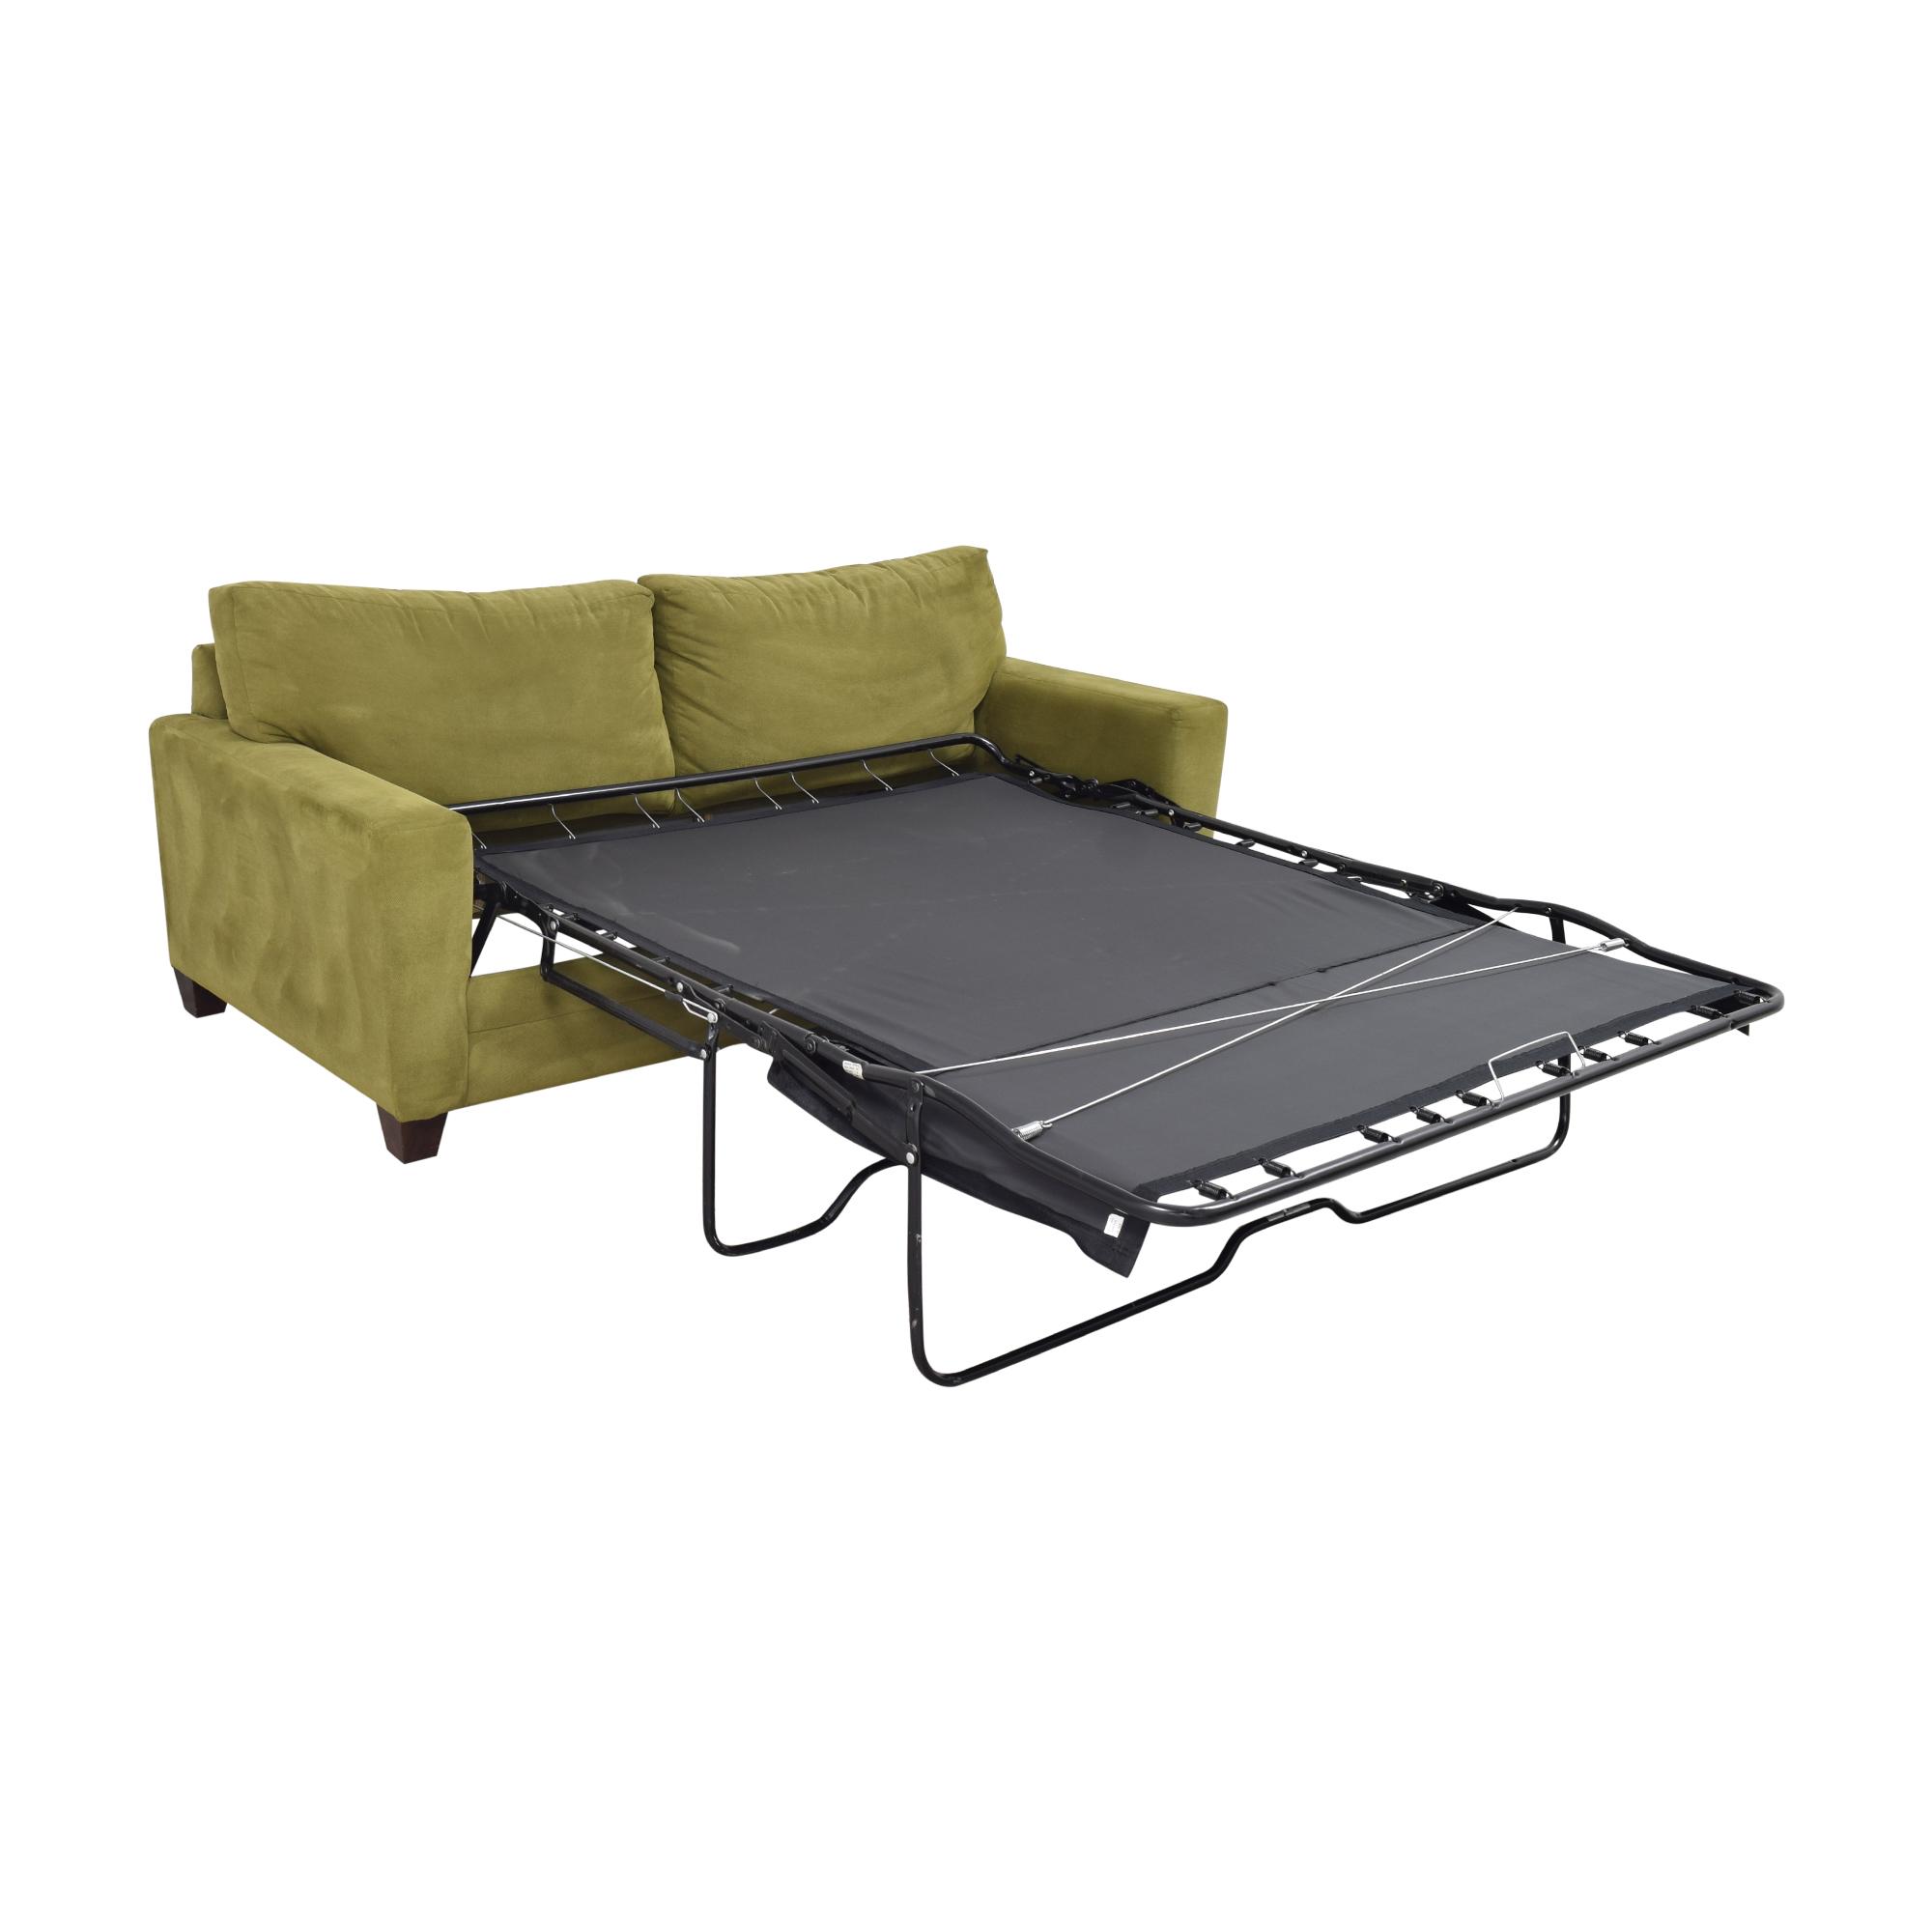 Bassett Furniture Bassett Furniture Queen Sleeper Sofa Sofas